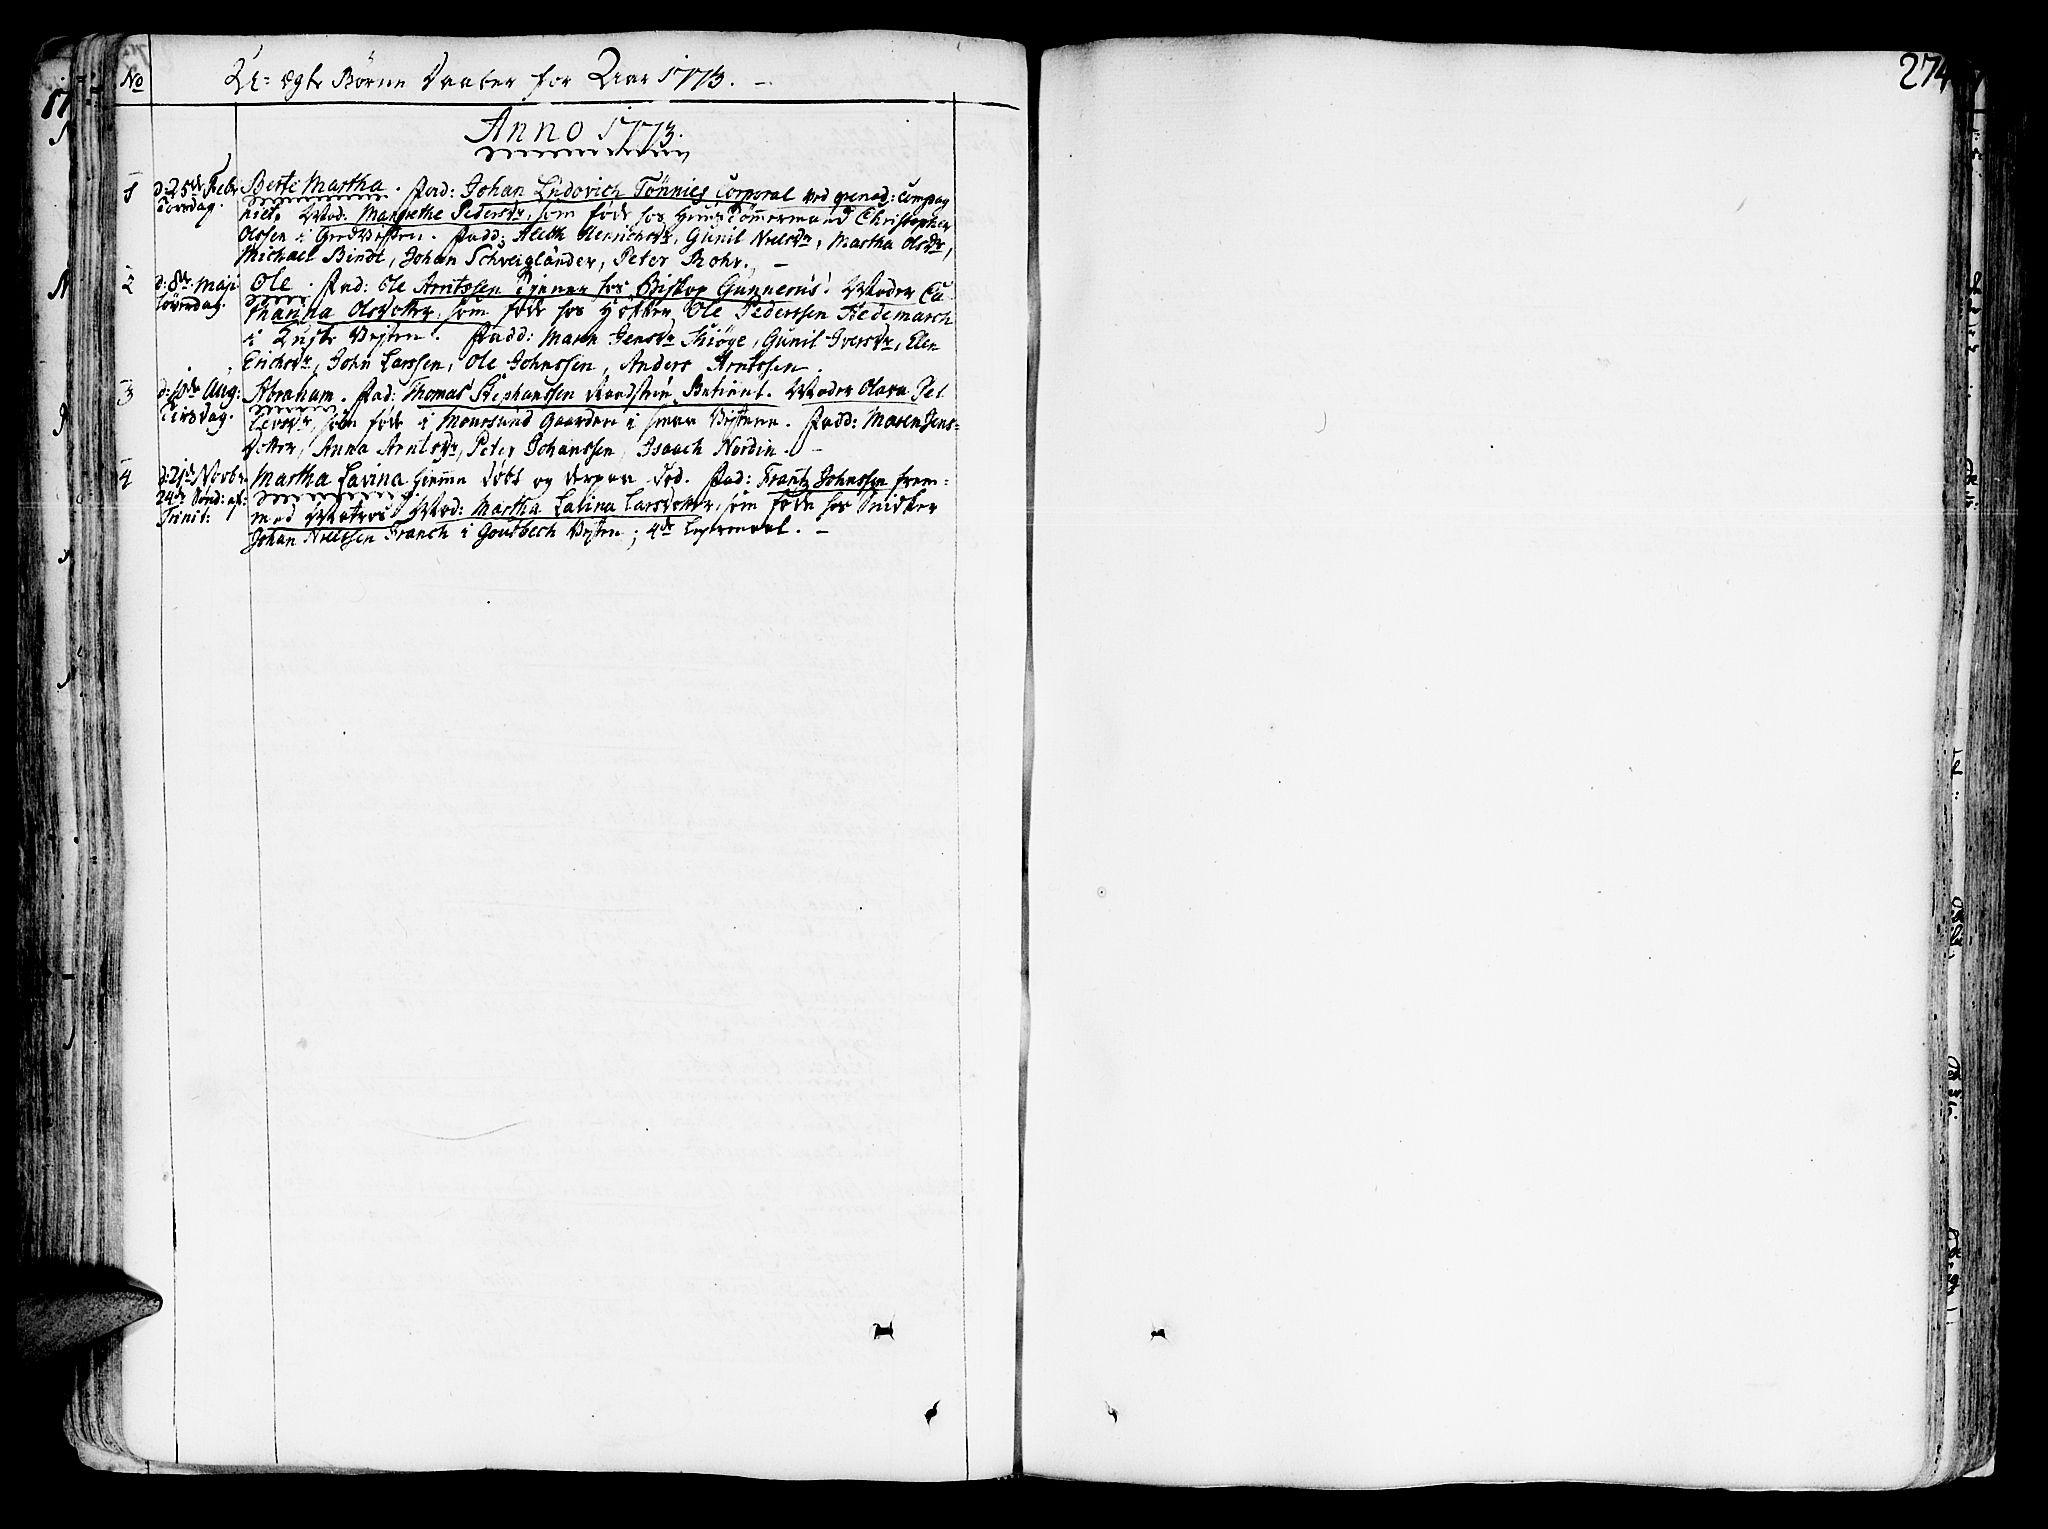 SAT, Ministerialprotokoller, klokkerbøker og fødselsregistre - Sør-Trøndelag, 602/L0103: Ministerialbok nr. 602A01, 1732-1774, s. 274